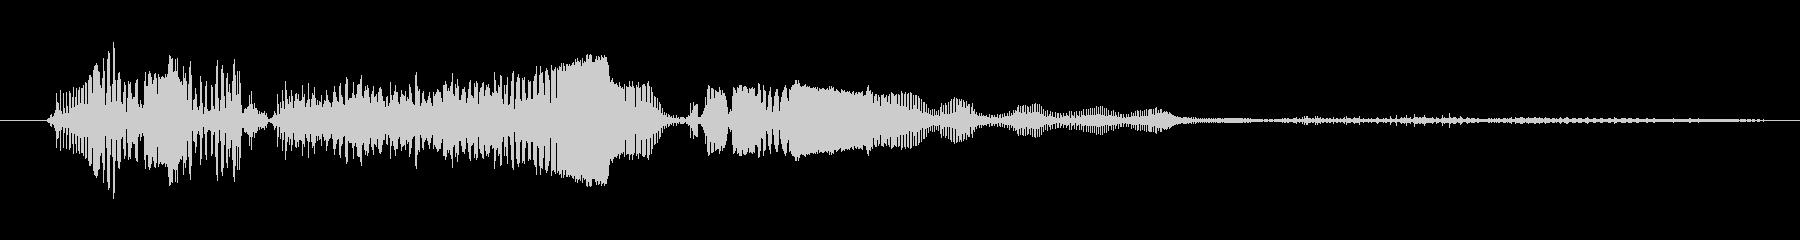 モンスター デススクリームハイ05の未再生の波形